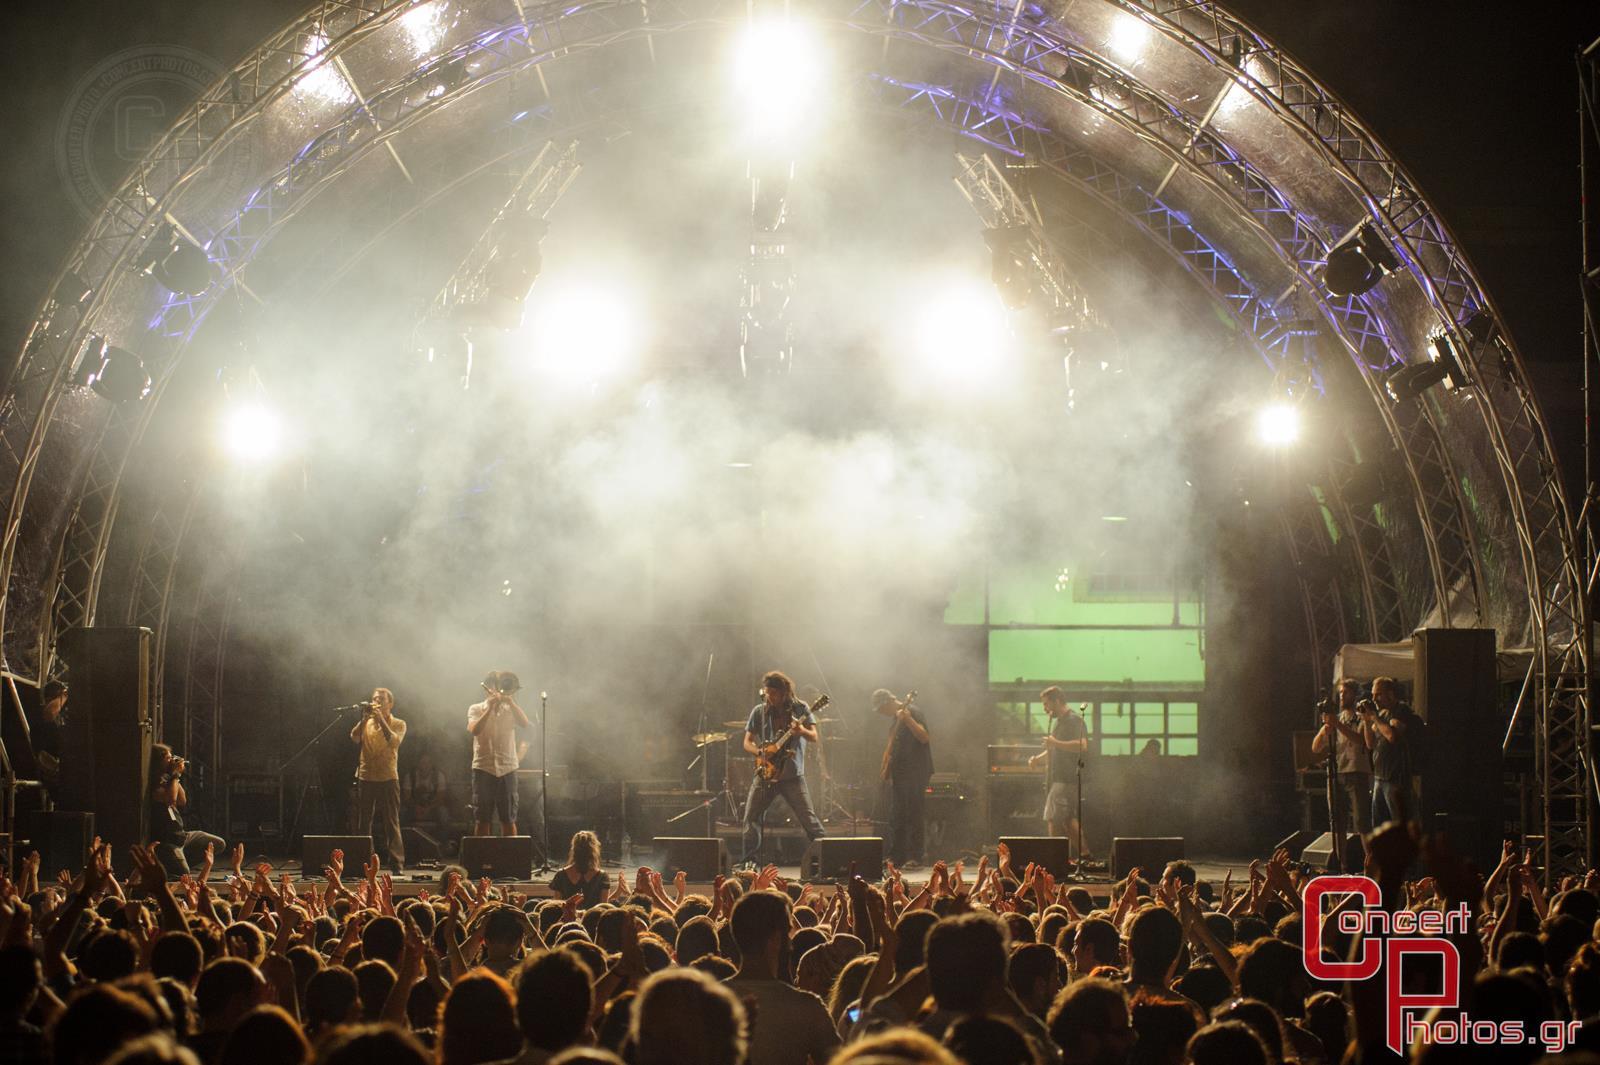 Μία συναυλία για τη Σχεδία 2014-Sxedia 2014 photographer:  - concertphotos_20140526_23_48_16